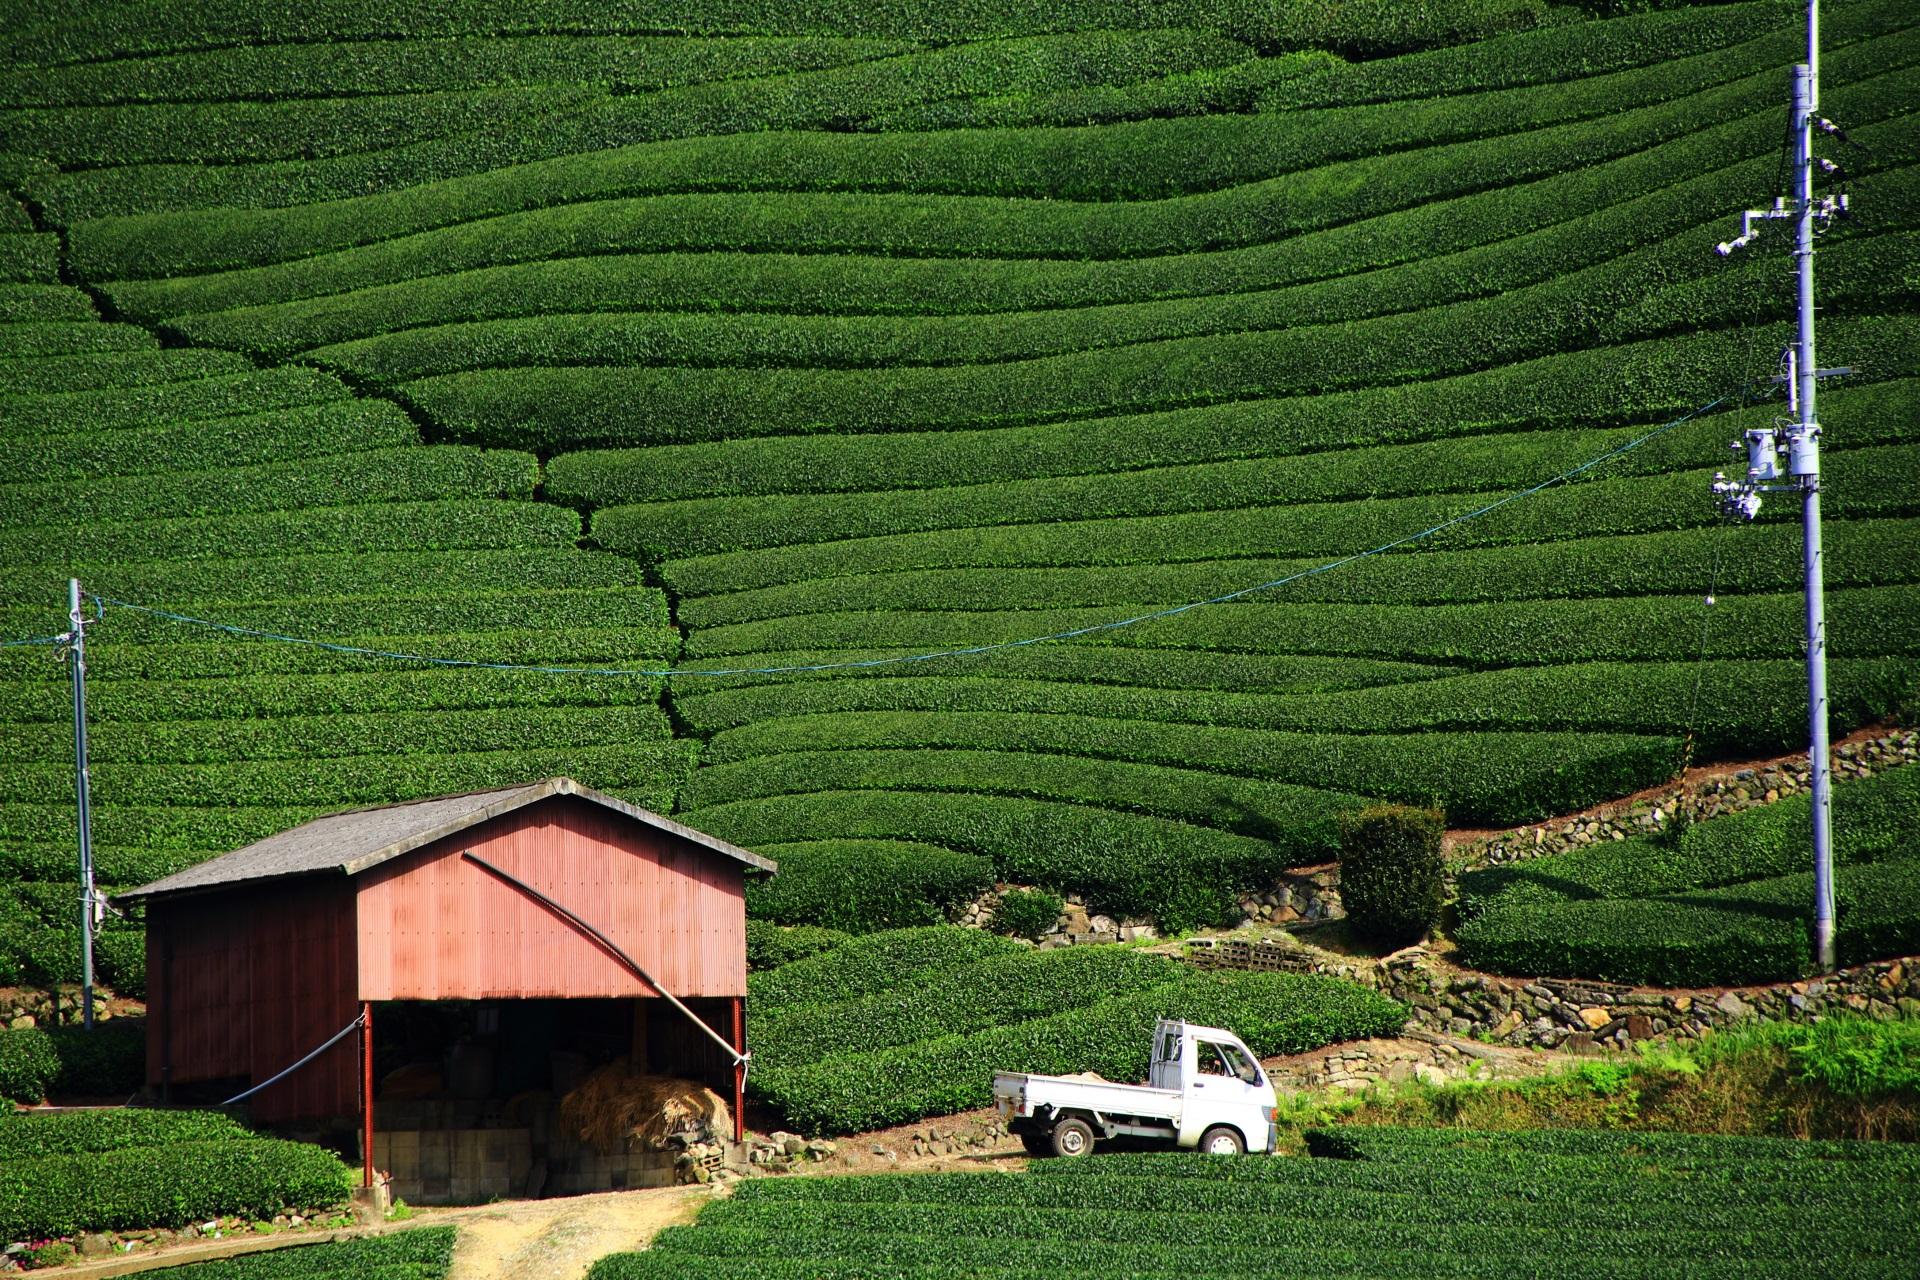 小屋と軽トラックが演出する美しいお茶畑